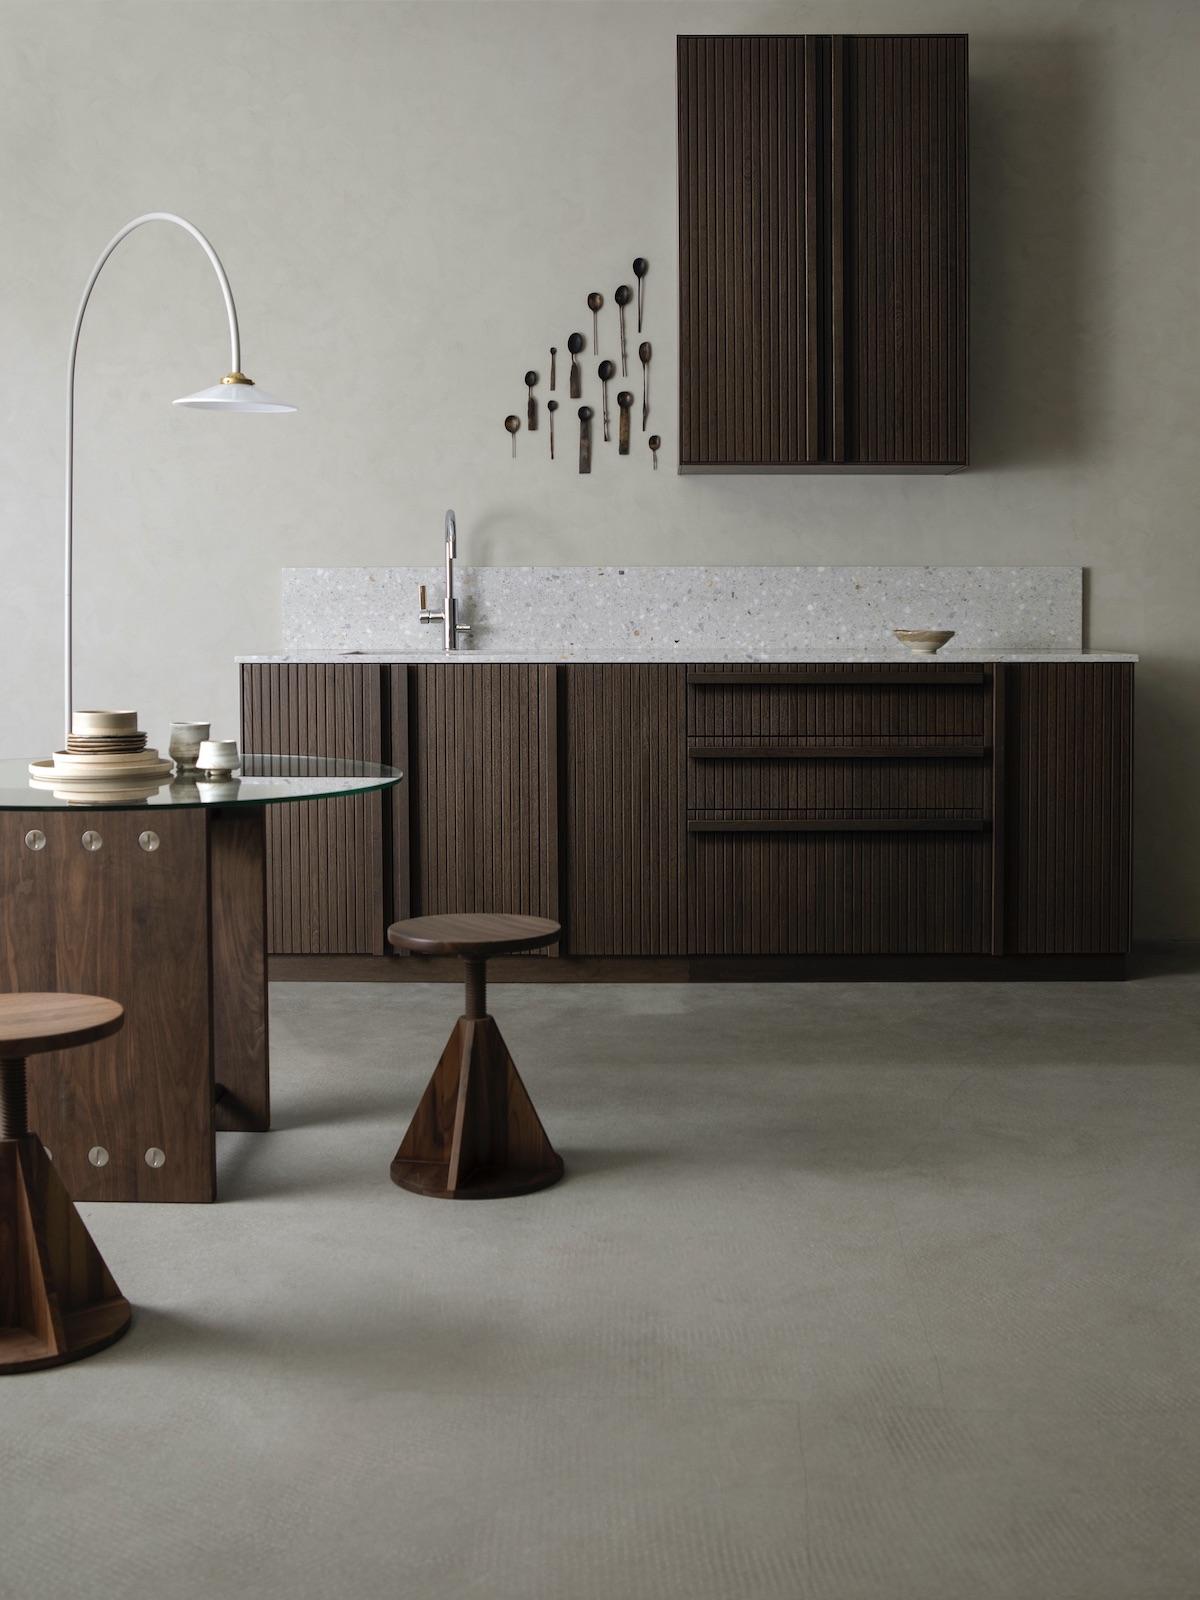 Portes de cuisine en bois design : transformez votre intérieur